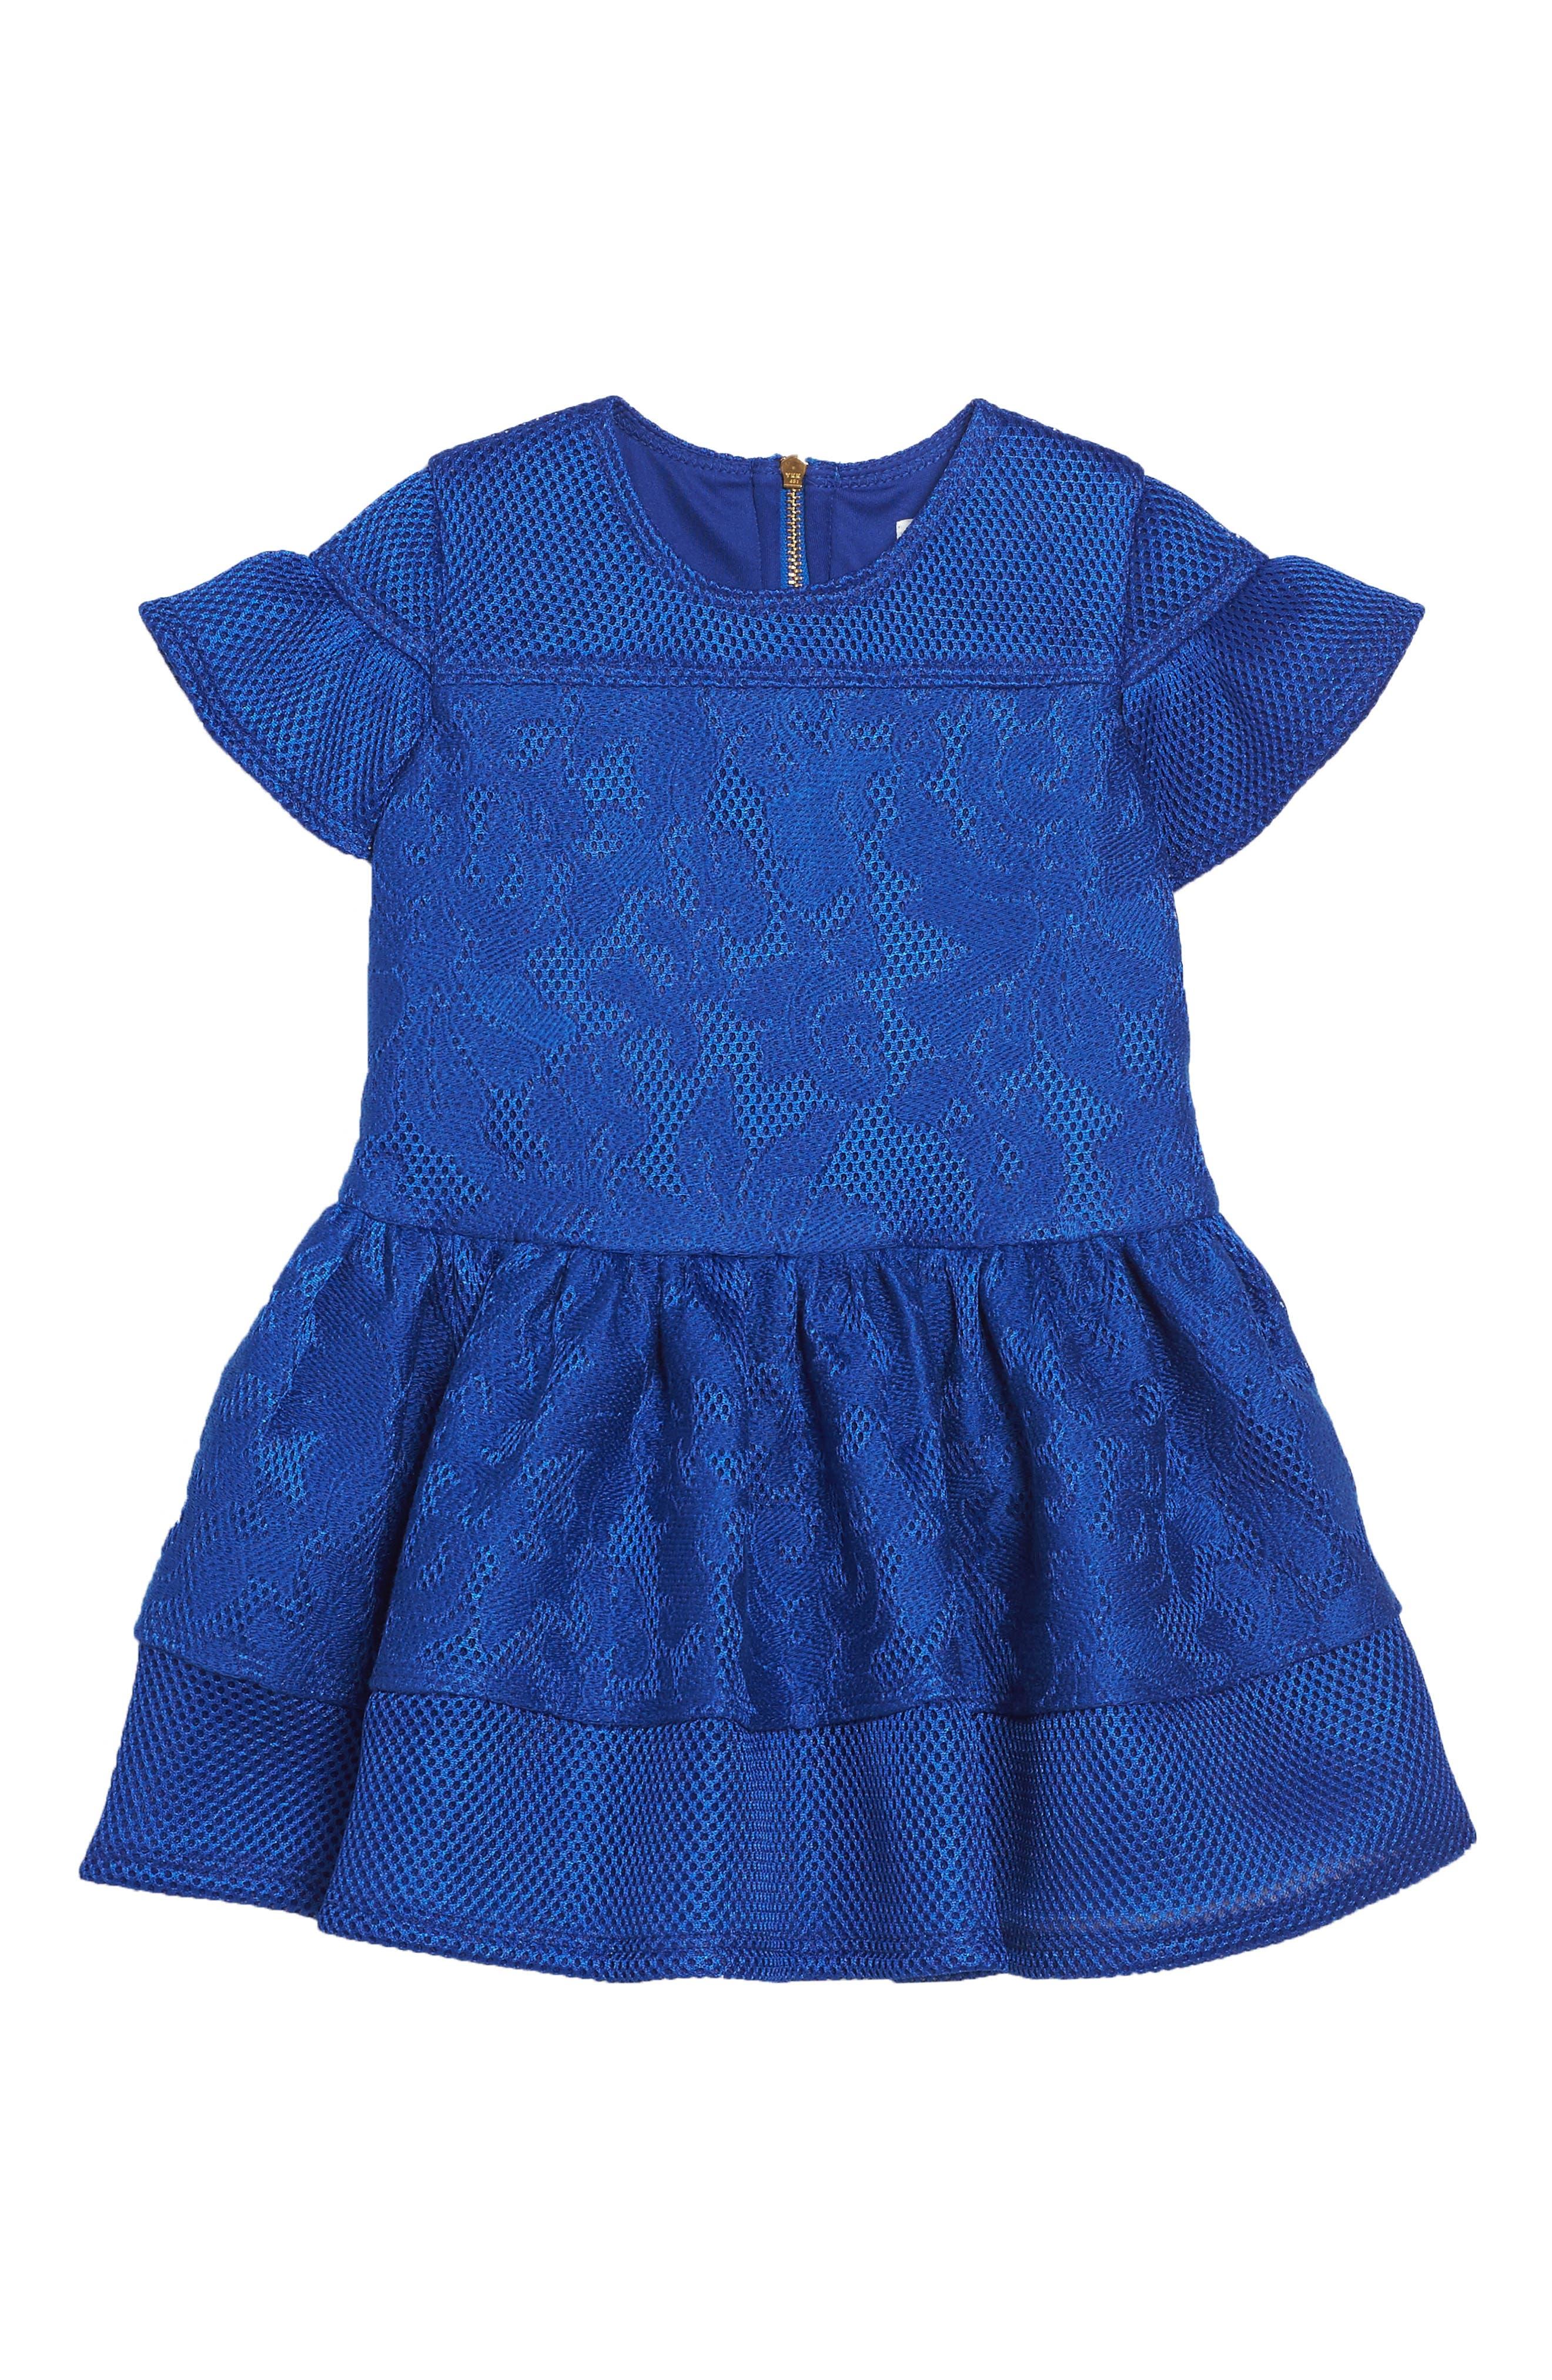 David Charles Techno Mesh Dress (Toddler Girls & Little Girls)